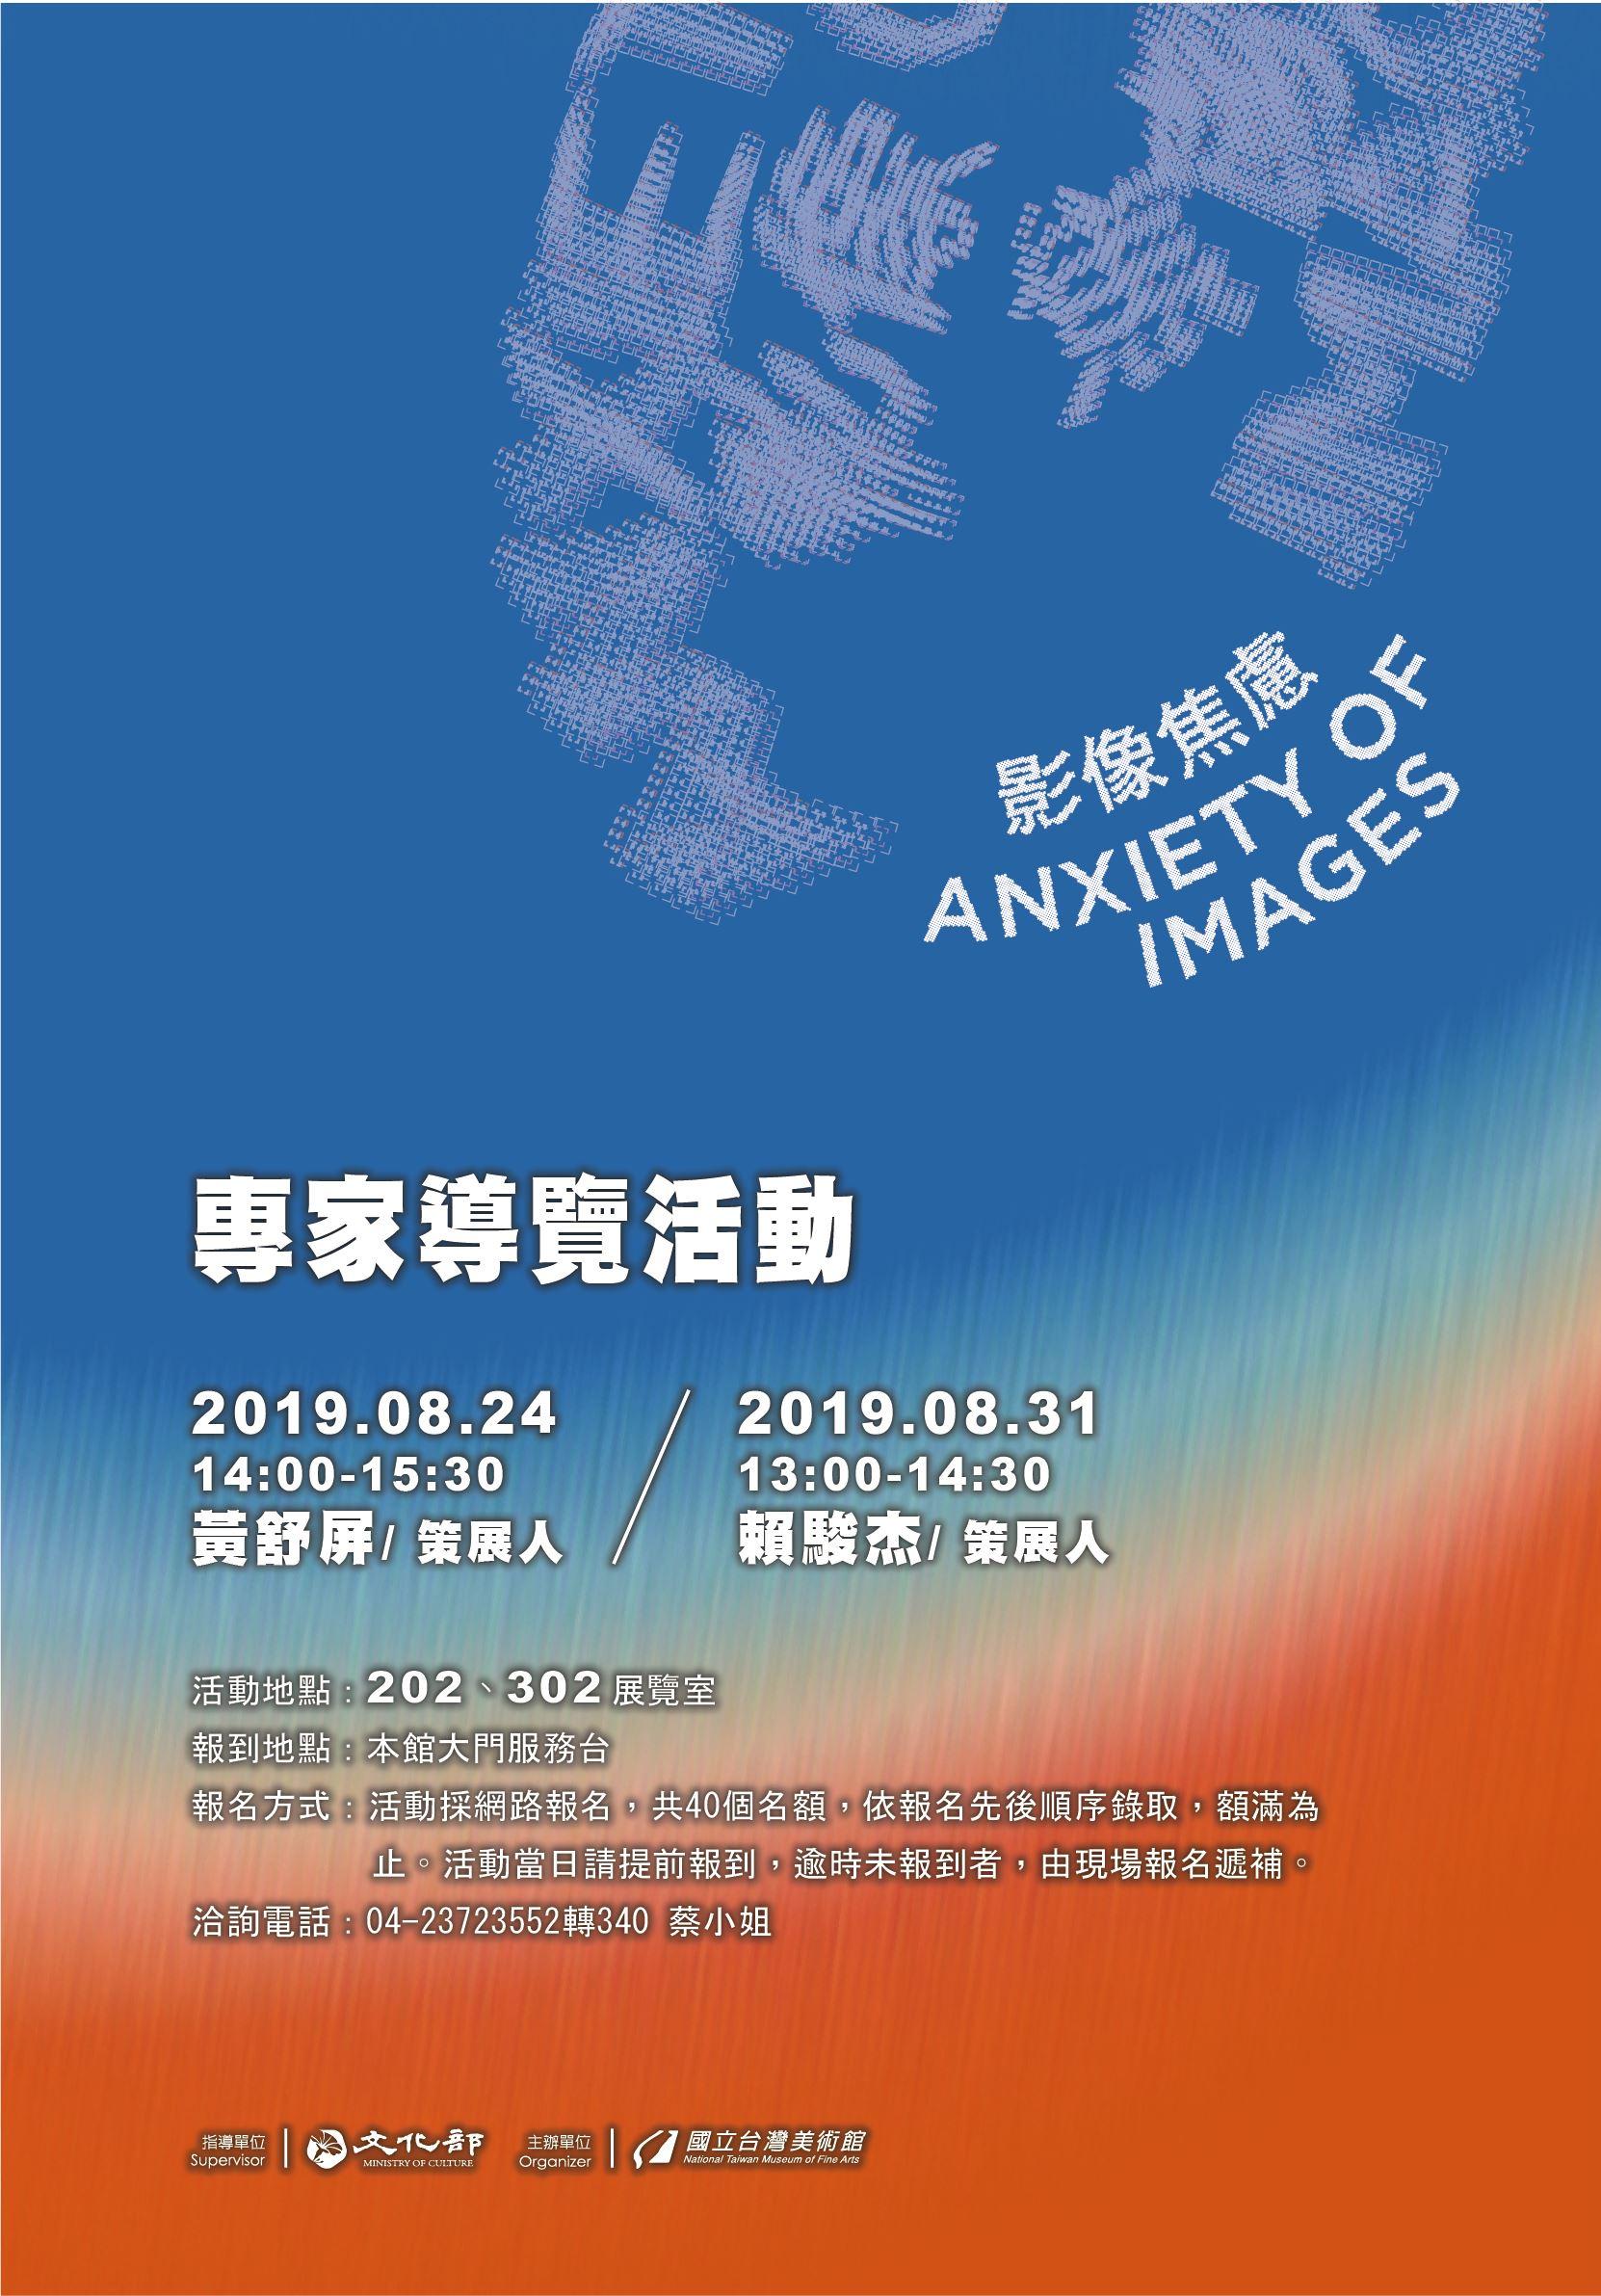 「影像焦慮」展專家導覽活動 海報